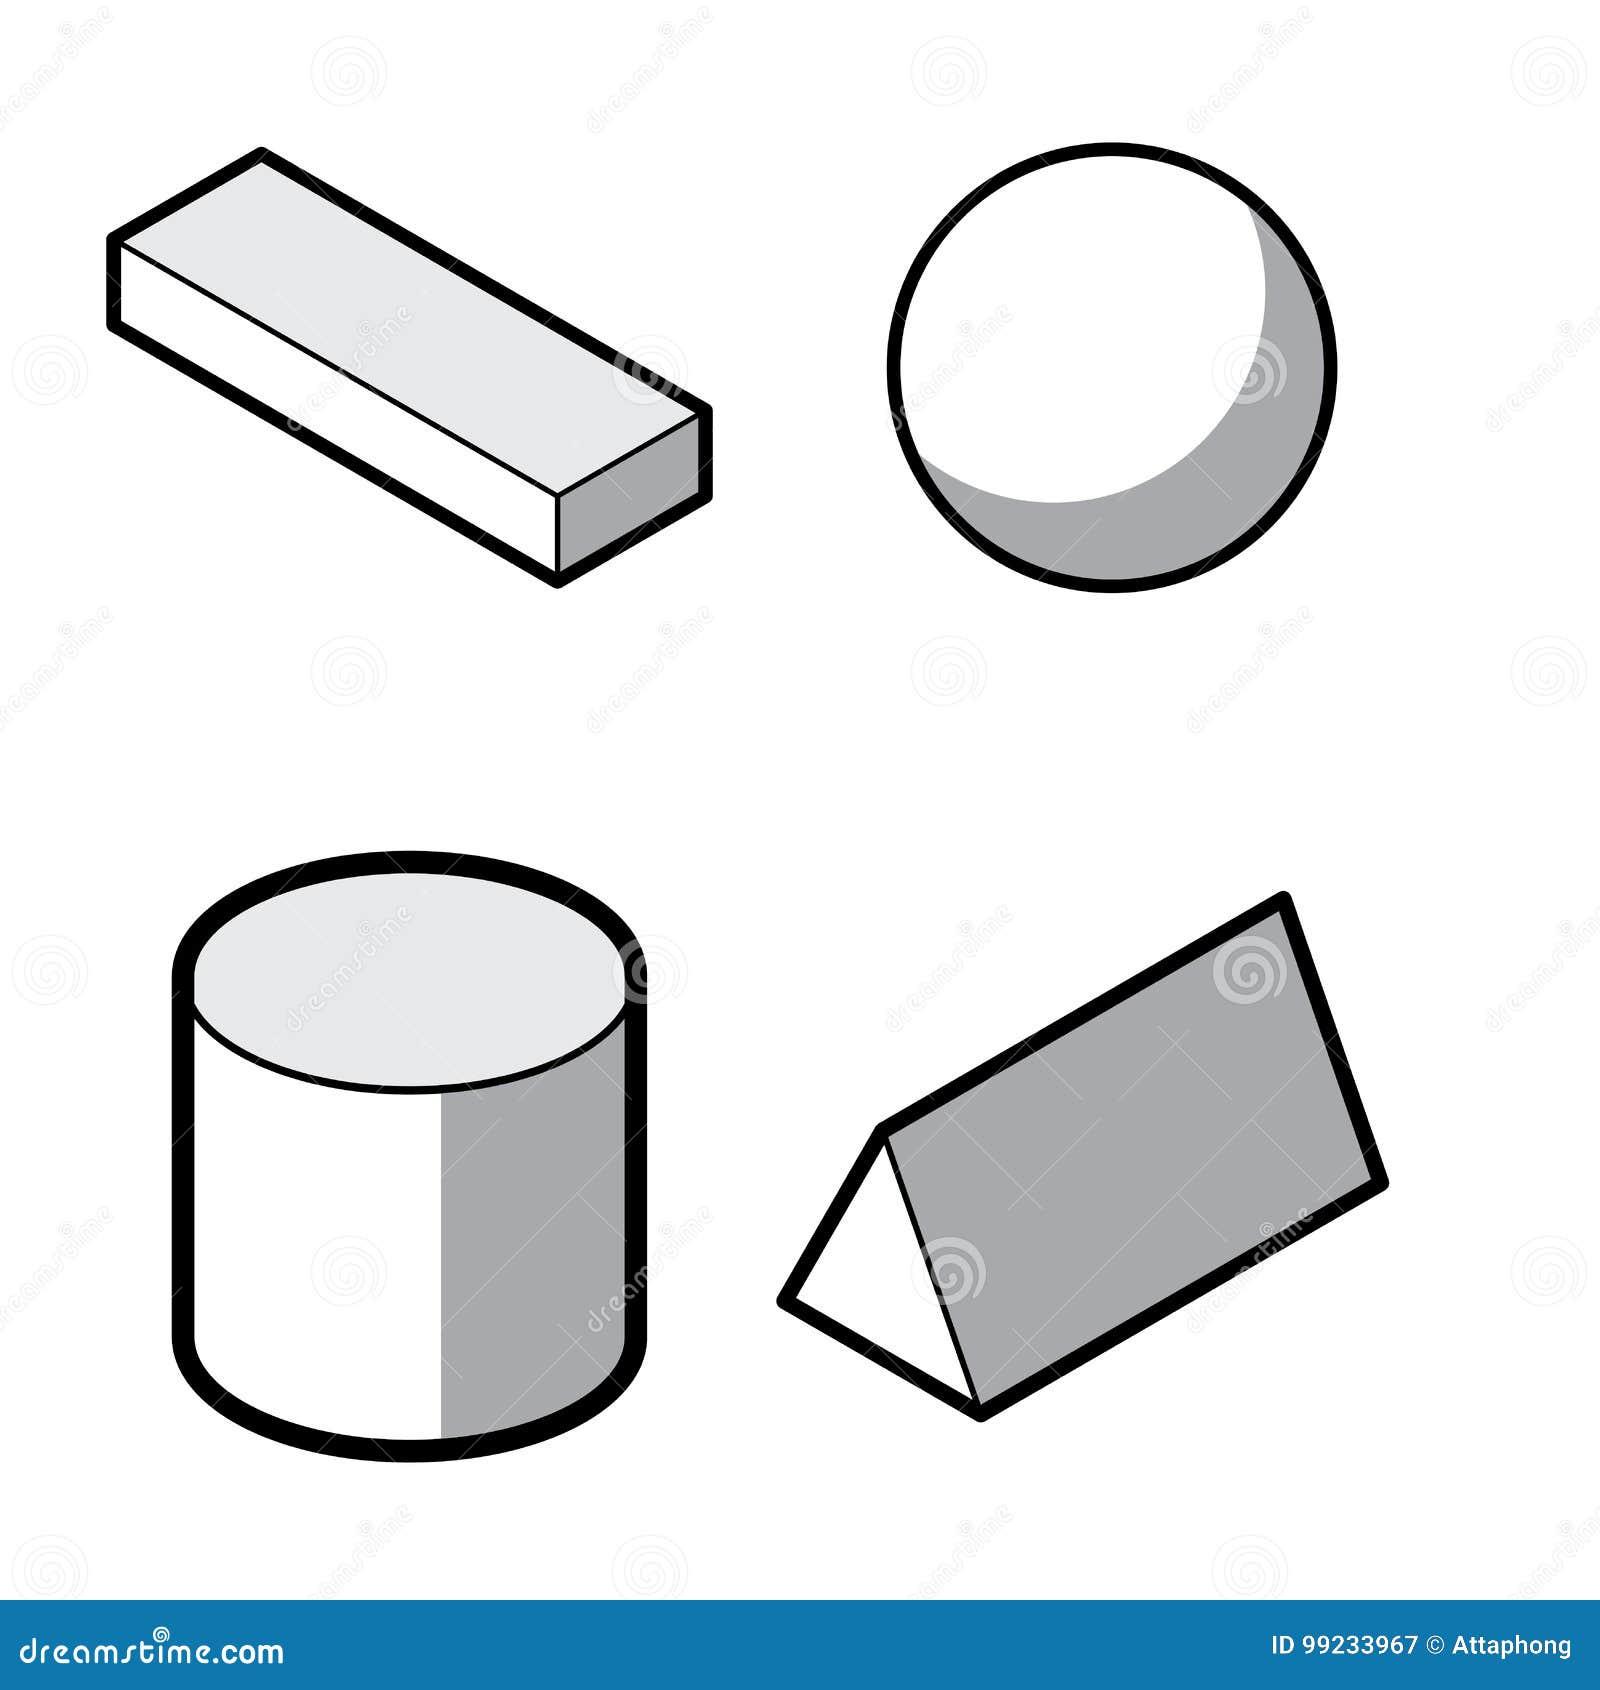 satz grundlegende geometrische formen 3d geometrischer k rpervektor lokalisiert auf einem wei en. Black Bedroom Furniture Sets. Home Design Ideas